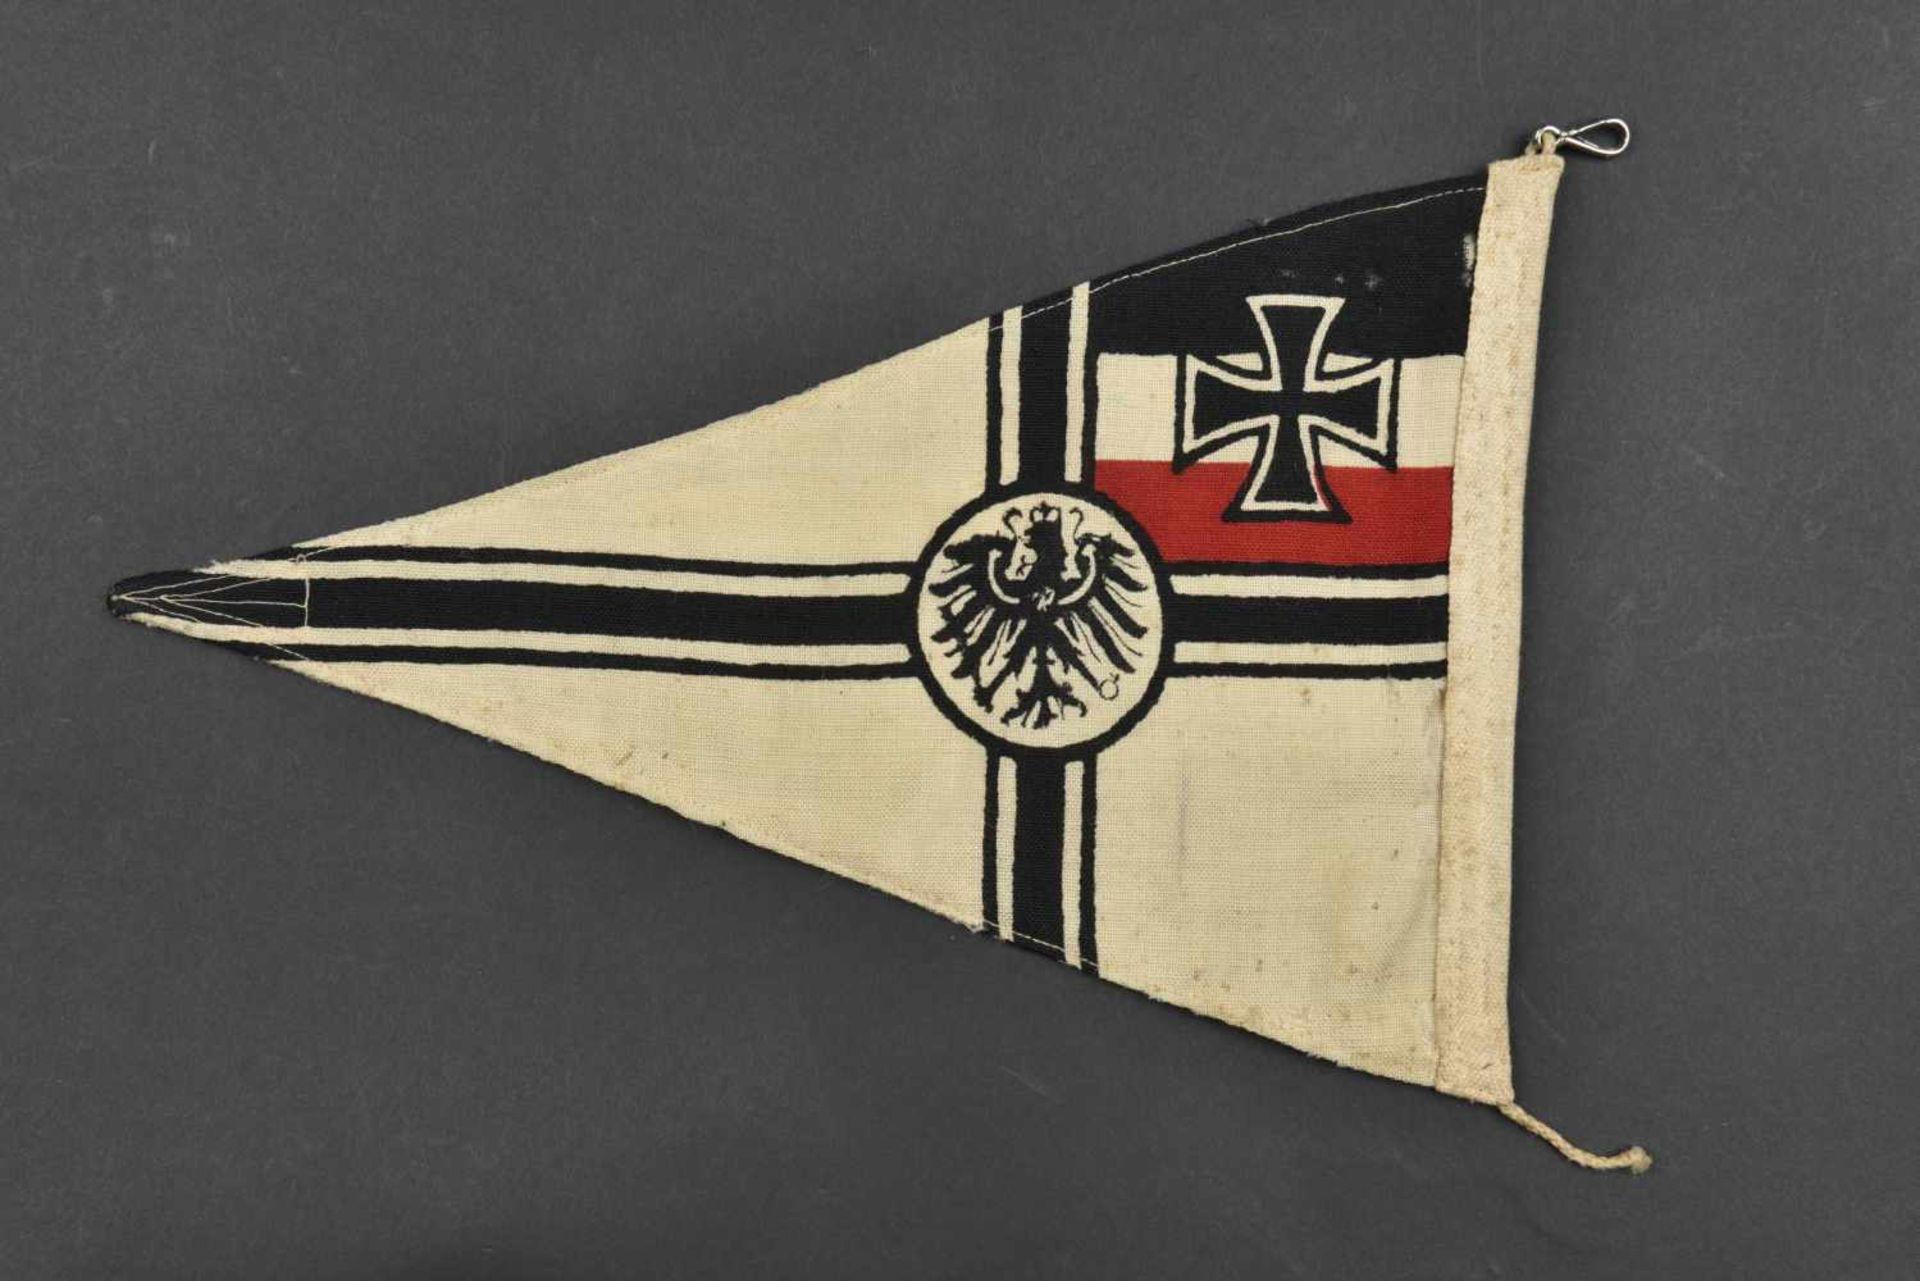 Fanion de voiture de la Kaiserliche Marine En tissu coton blanc, aigle impérial et croix de fer - Bild 2 aus 2